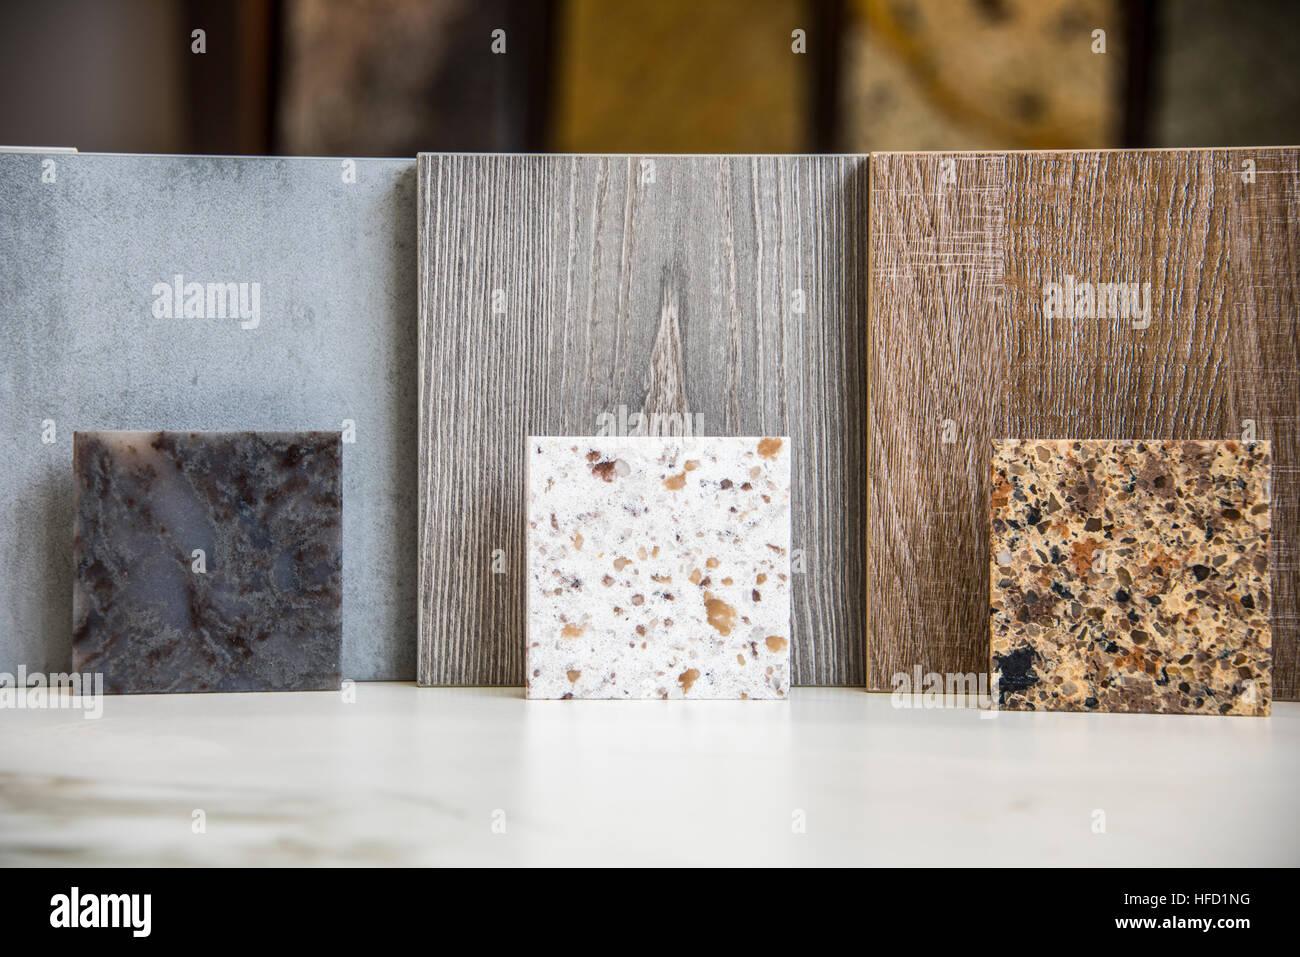 Naturstein Kuchenarbeitsplatten Mit Holz Kuchenarbeitsplatten Auf